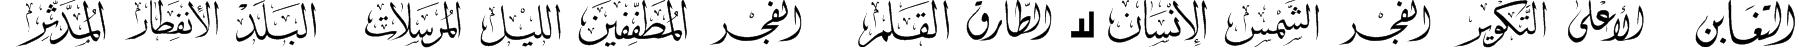 Mcs Swer Al_Quran 3 Font